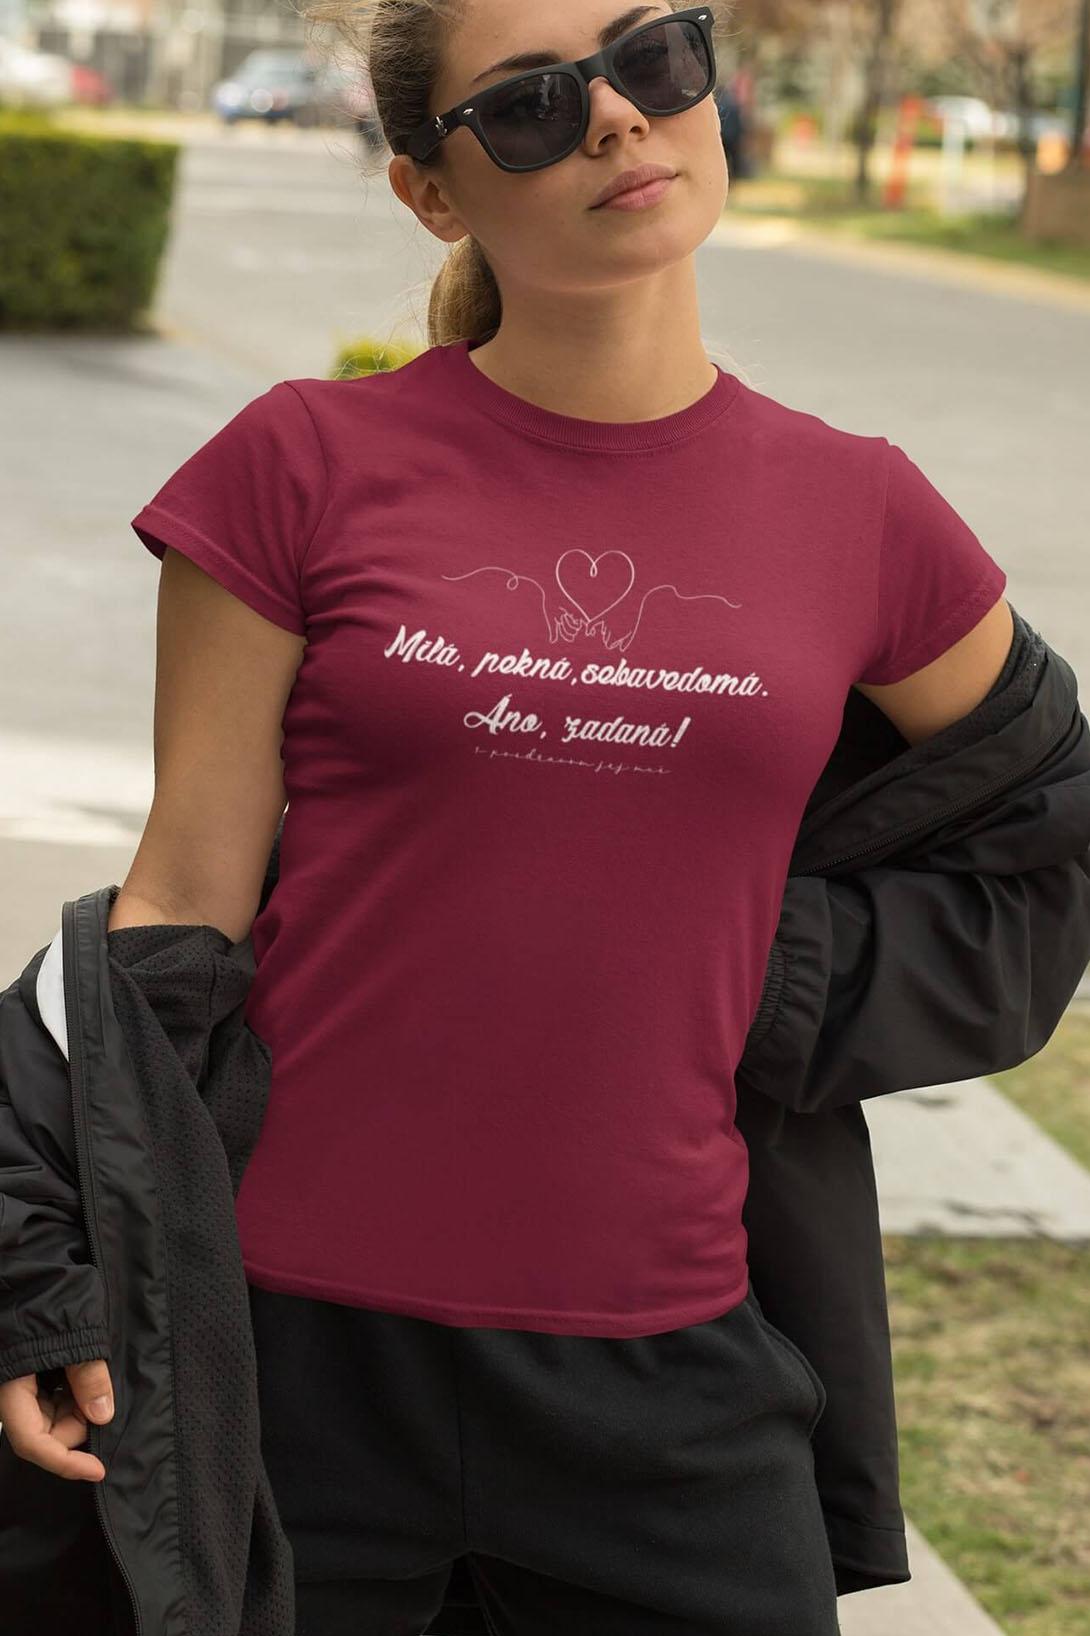 MMO Dámske tričko Milá, pekná, sebavedomá Vyberte farbu: Svetlomodrá, Vyberte veľkosť: M